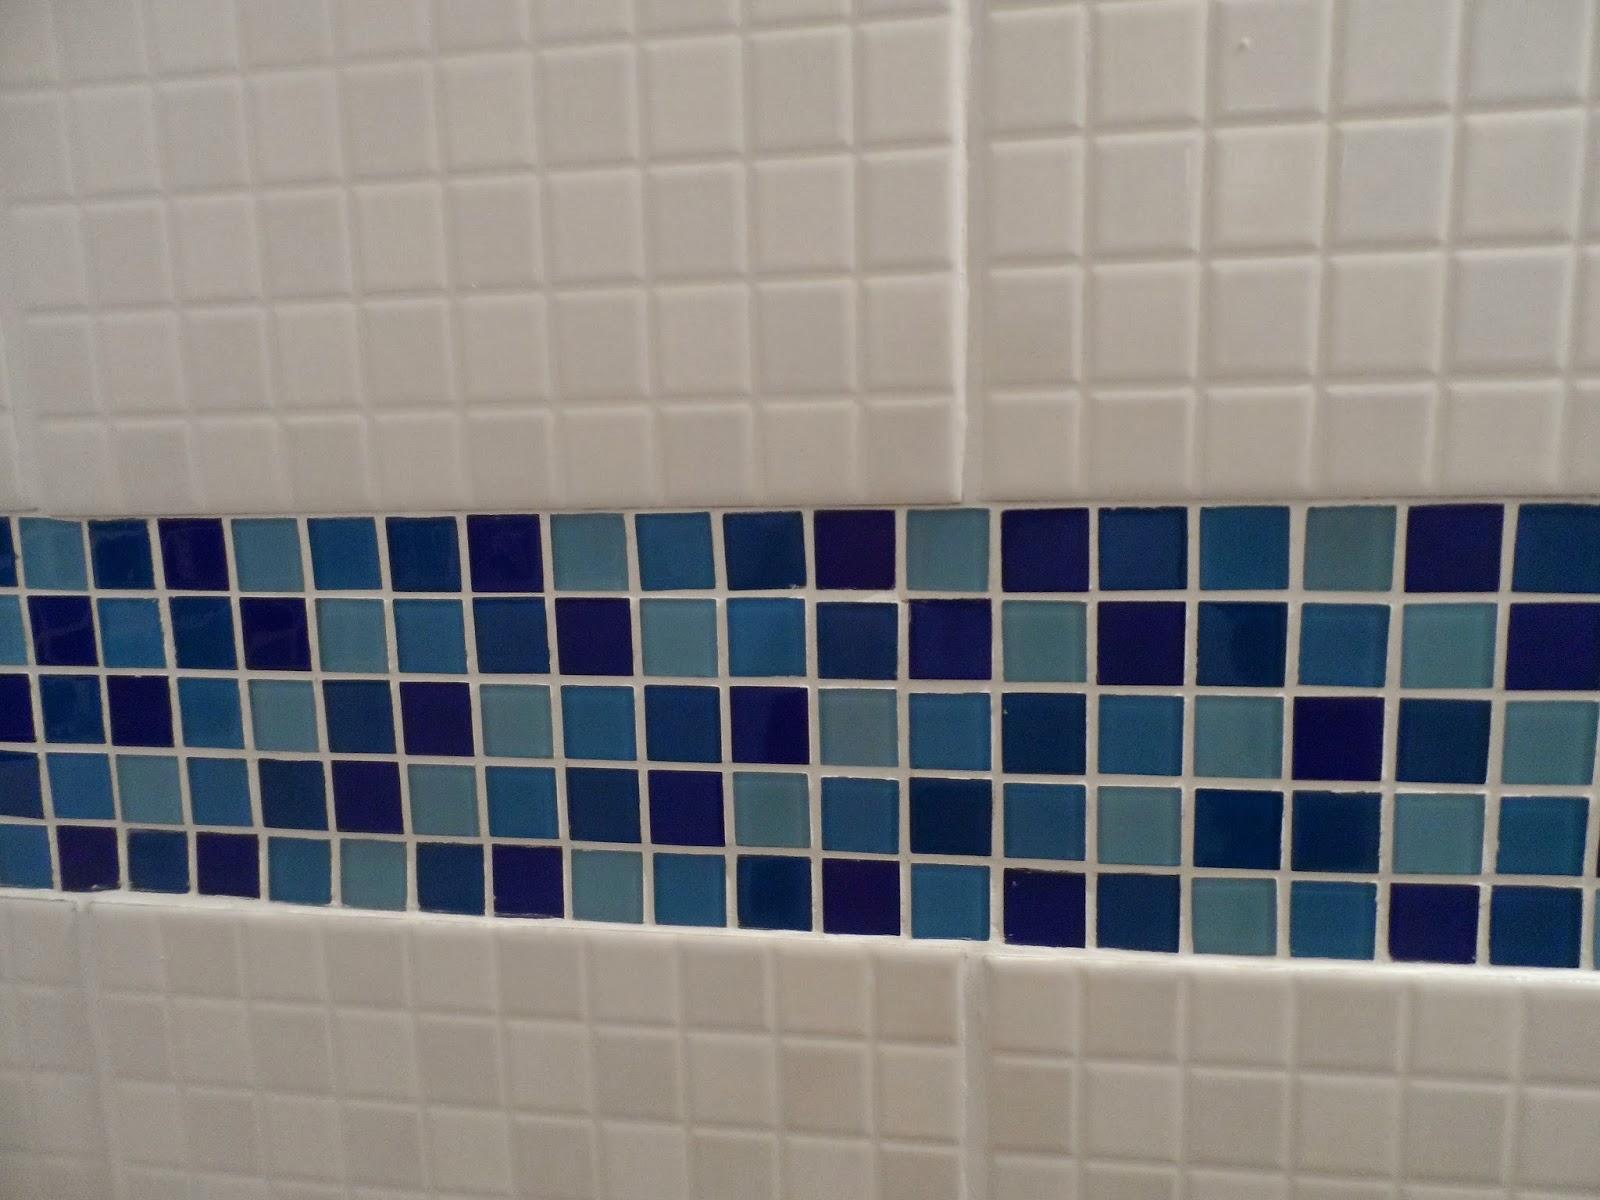 : Escolhendo o mármore para combinar com o piso quadradinho azul #121D40 1600x1200 Banheiro Azulejo Azul